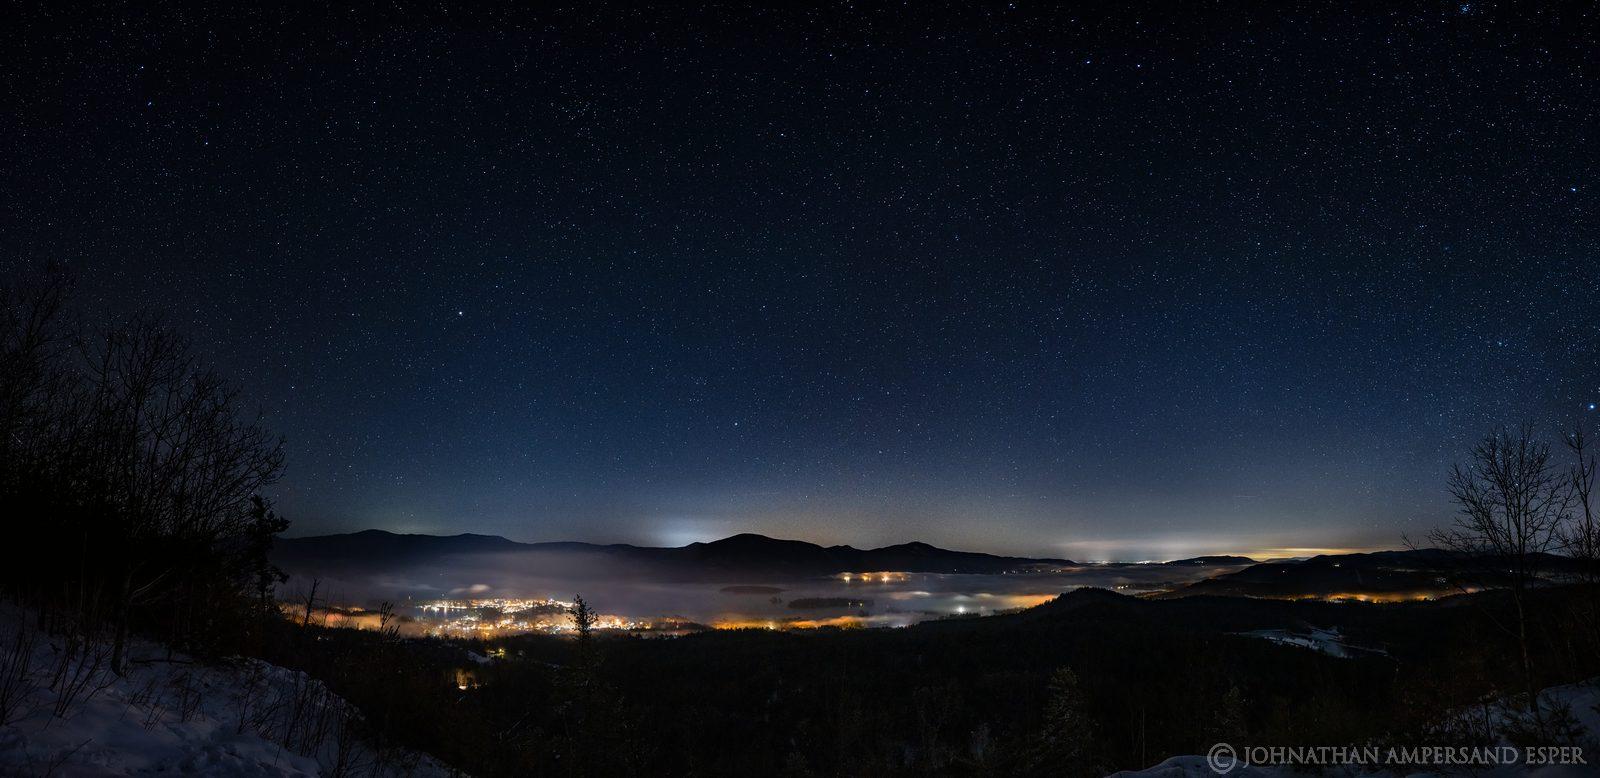 The Pinnacle,Bolton Landing,Lake George,Pinnacle,The Pinnacle over Lake George,night,stars,sky,fog,lake,winter,2020,